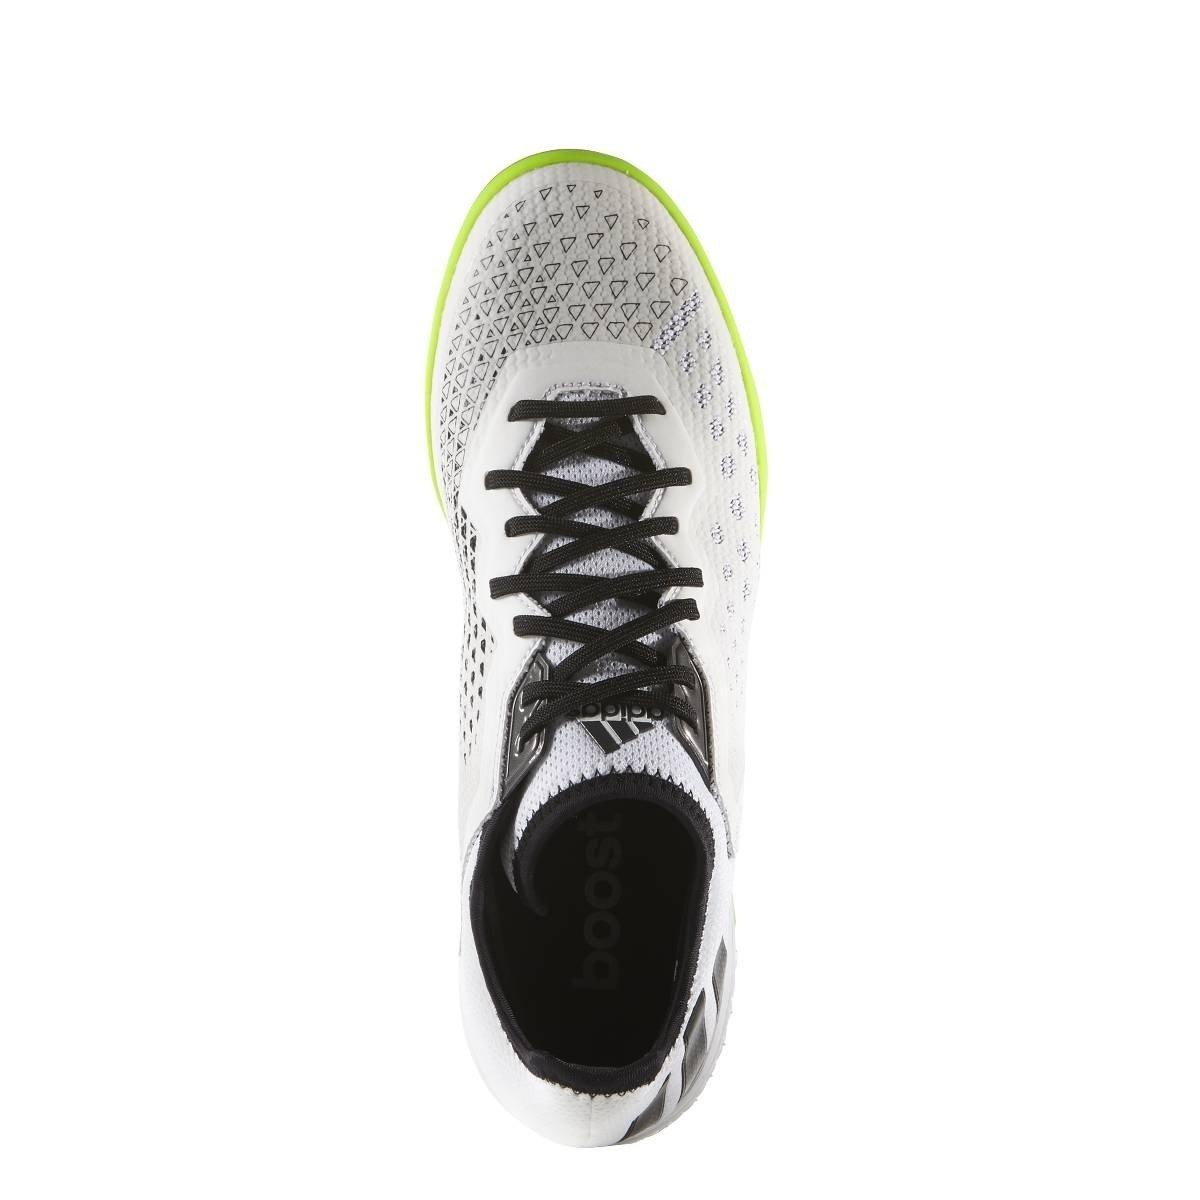 0c661d8e85b4e7 adidas Herren Ace 16.1 Court Laufschuhe  Amazon.de  Schuhe   Handtaschen